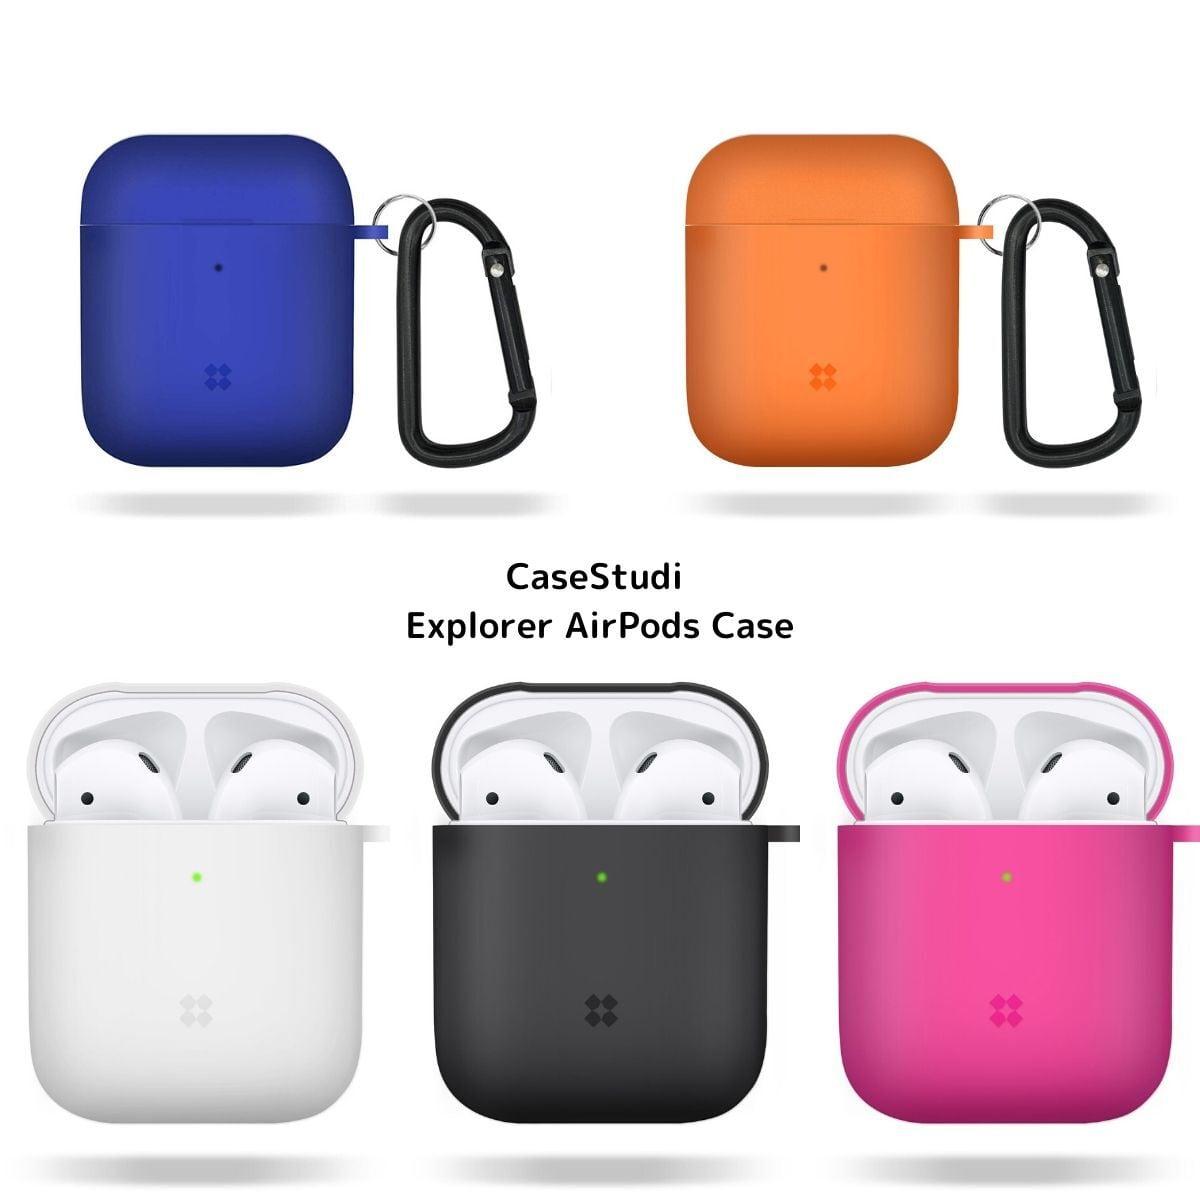 Apple AirPods ハード ケース 半透明 シンプル CaseStudi ケーススタディ Explorer Case エアーポッズ カバー カラビナ付属 ワイヤレスイヤホン